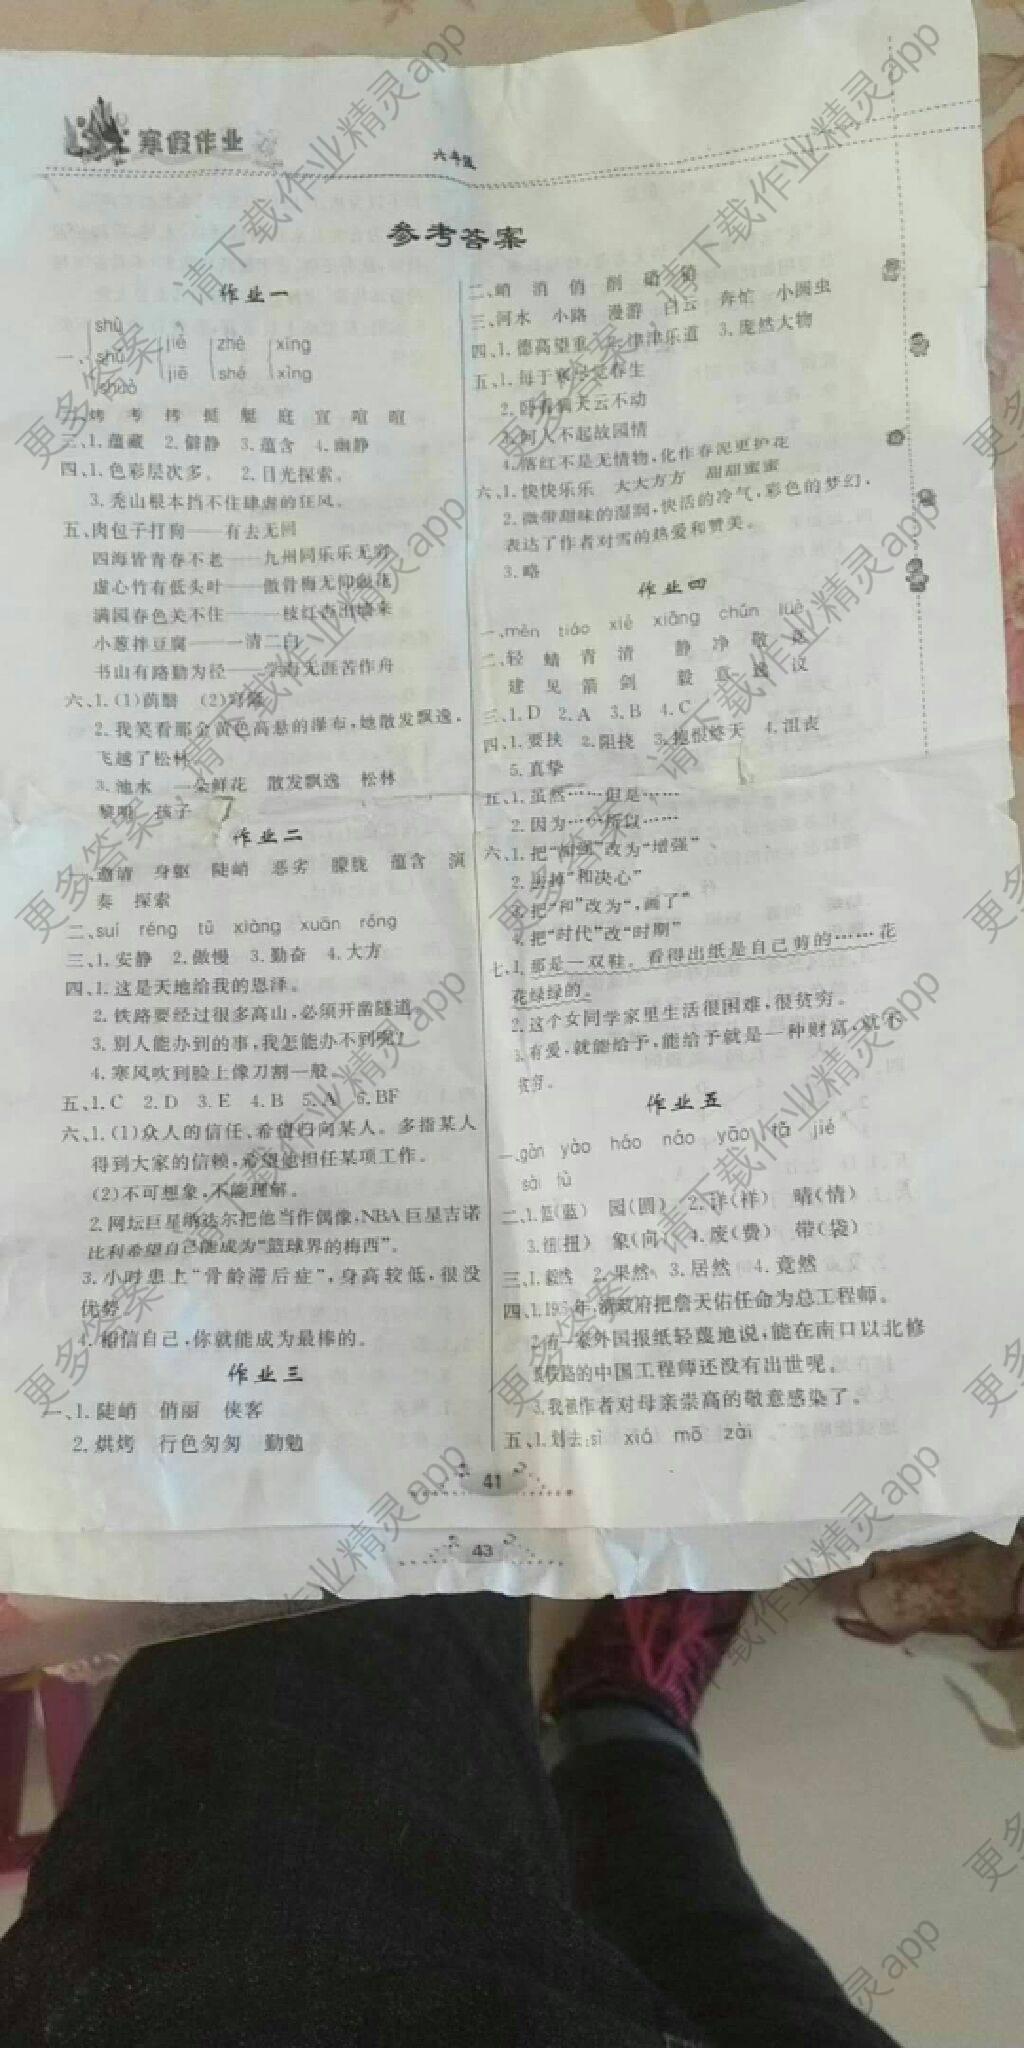 六年级寒假语文作业